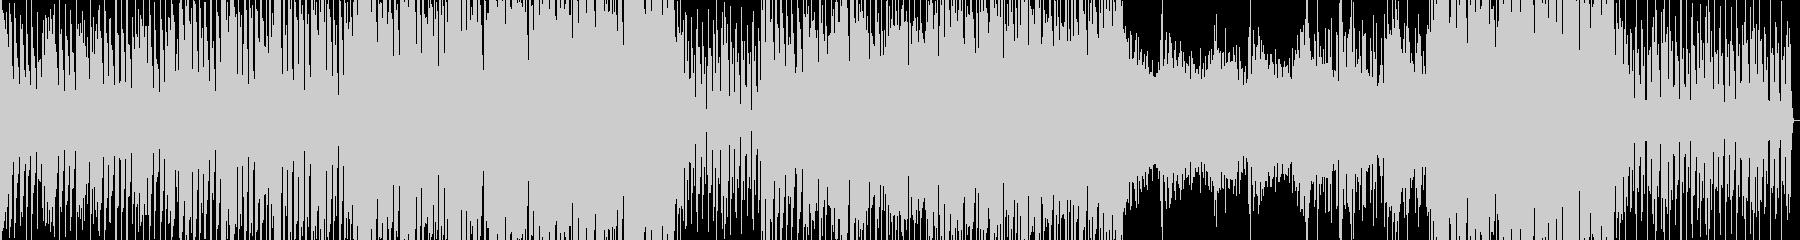 ファッショナブルなスタイリッシュサウンドの未再生の波形